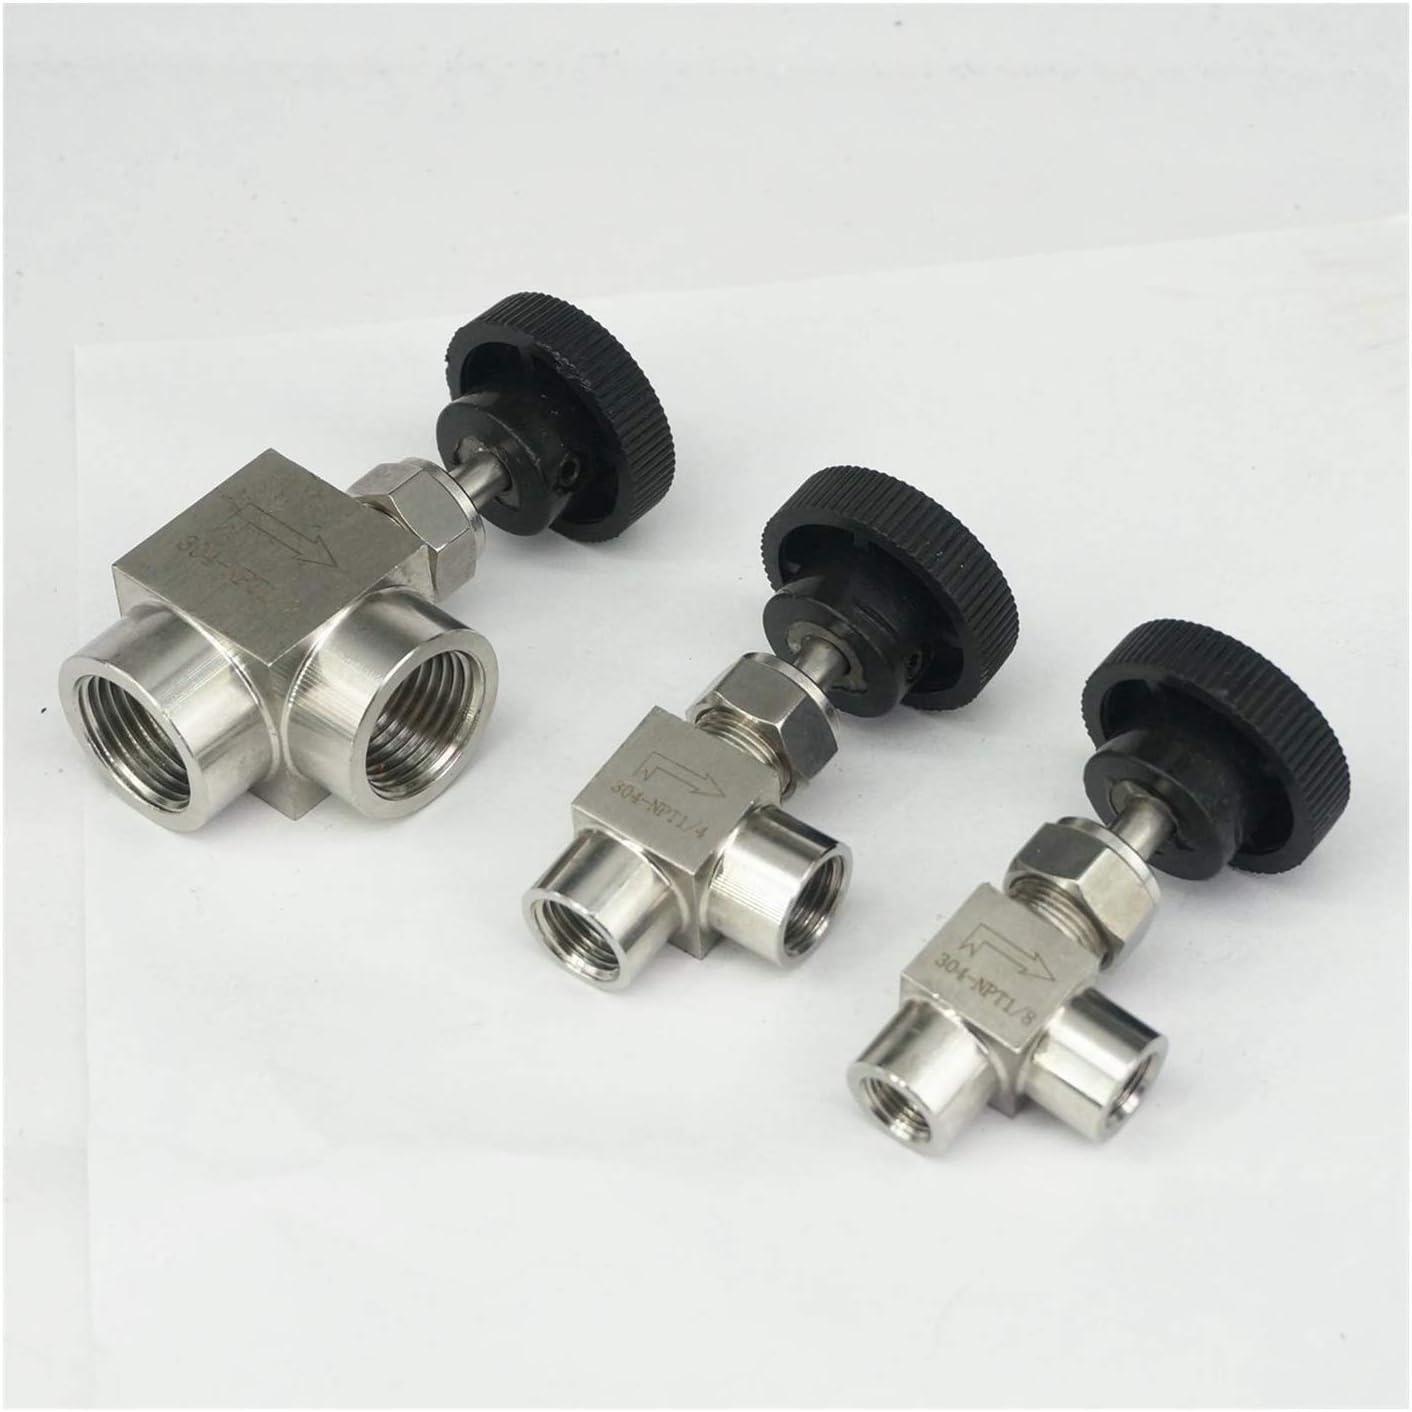 Specification : 1//8 SUOFEILAIMU-Valve 1//8 1//4 3//8 1//2 Inch BSP Female Thread Adjustable Needle Valve 90 Degree Stainless Steel 304 ON//Off